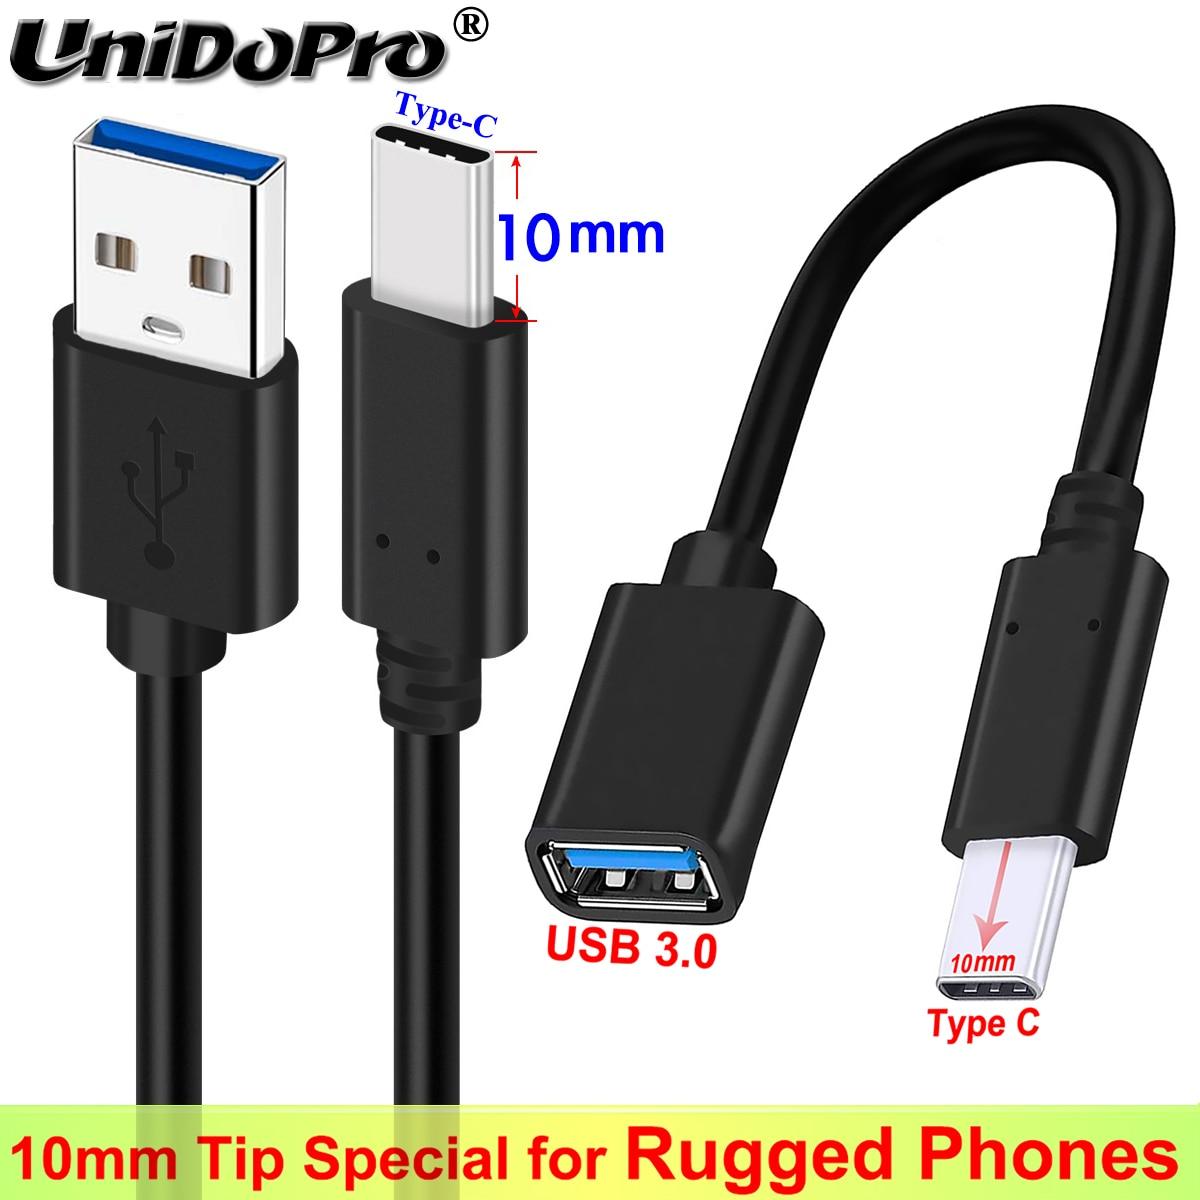 10mm uzun Tip C ucu hızlı şarj aleti kablosu Ulefone için zırh 10 5G 9 9E X8 8 7E 7 6S 6E 6 5 3WT 3W 3T 3 güç 6 5S 3S not 9P 11P